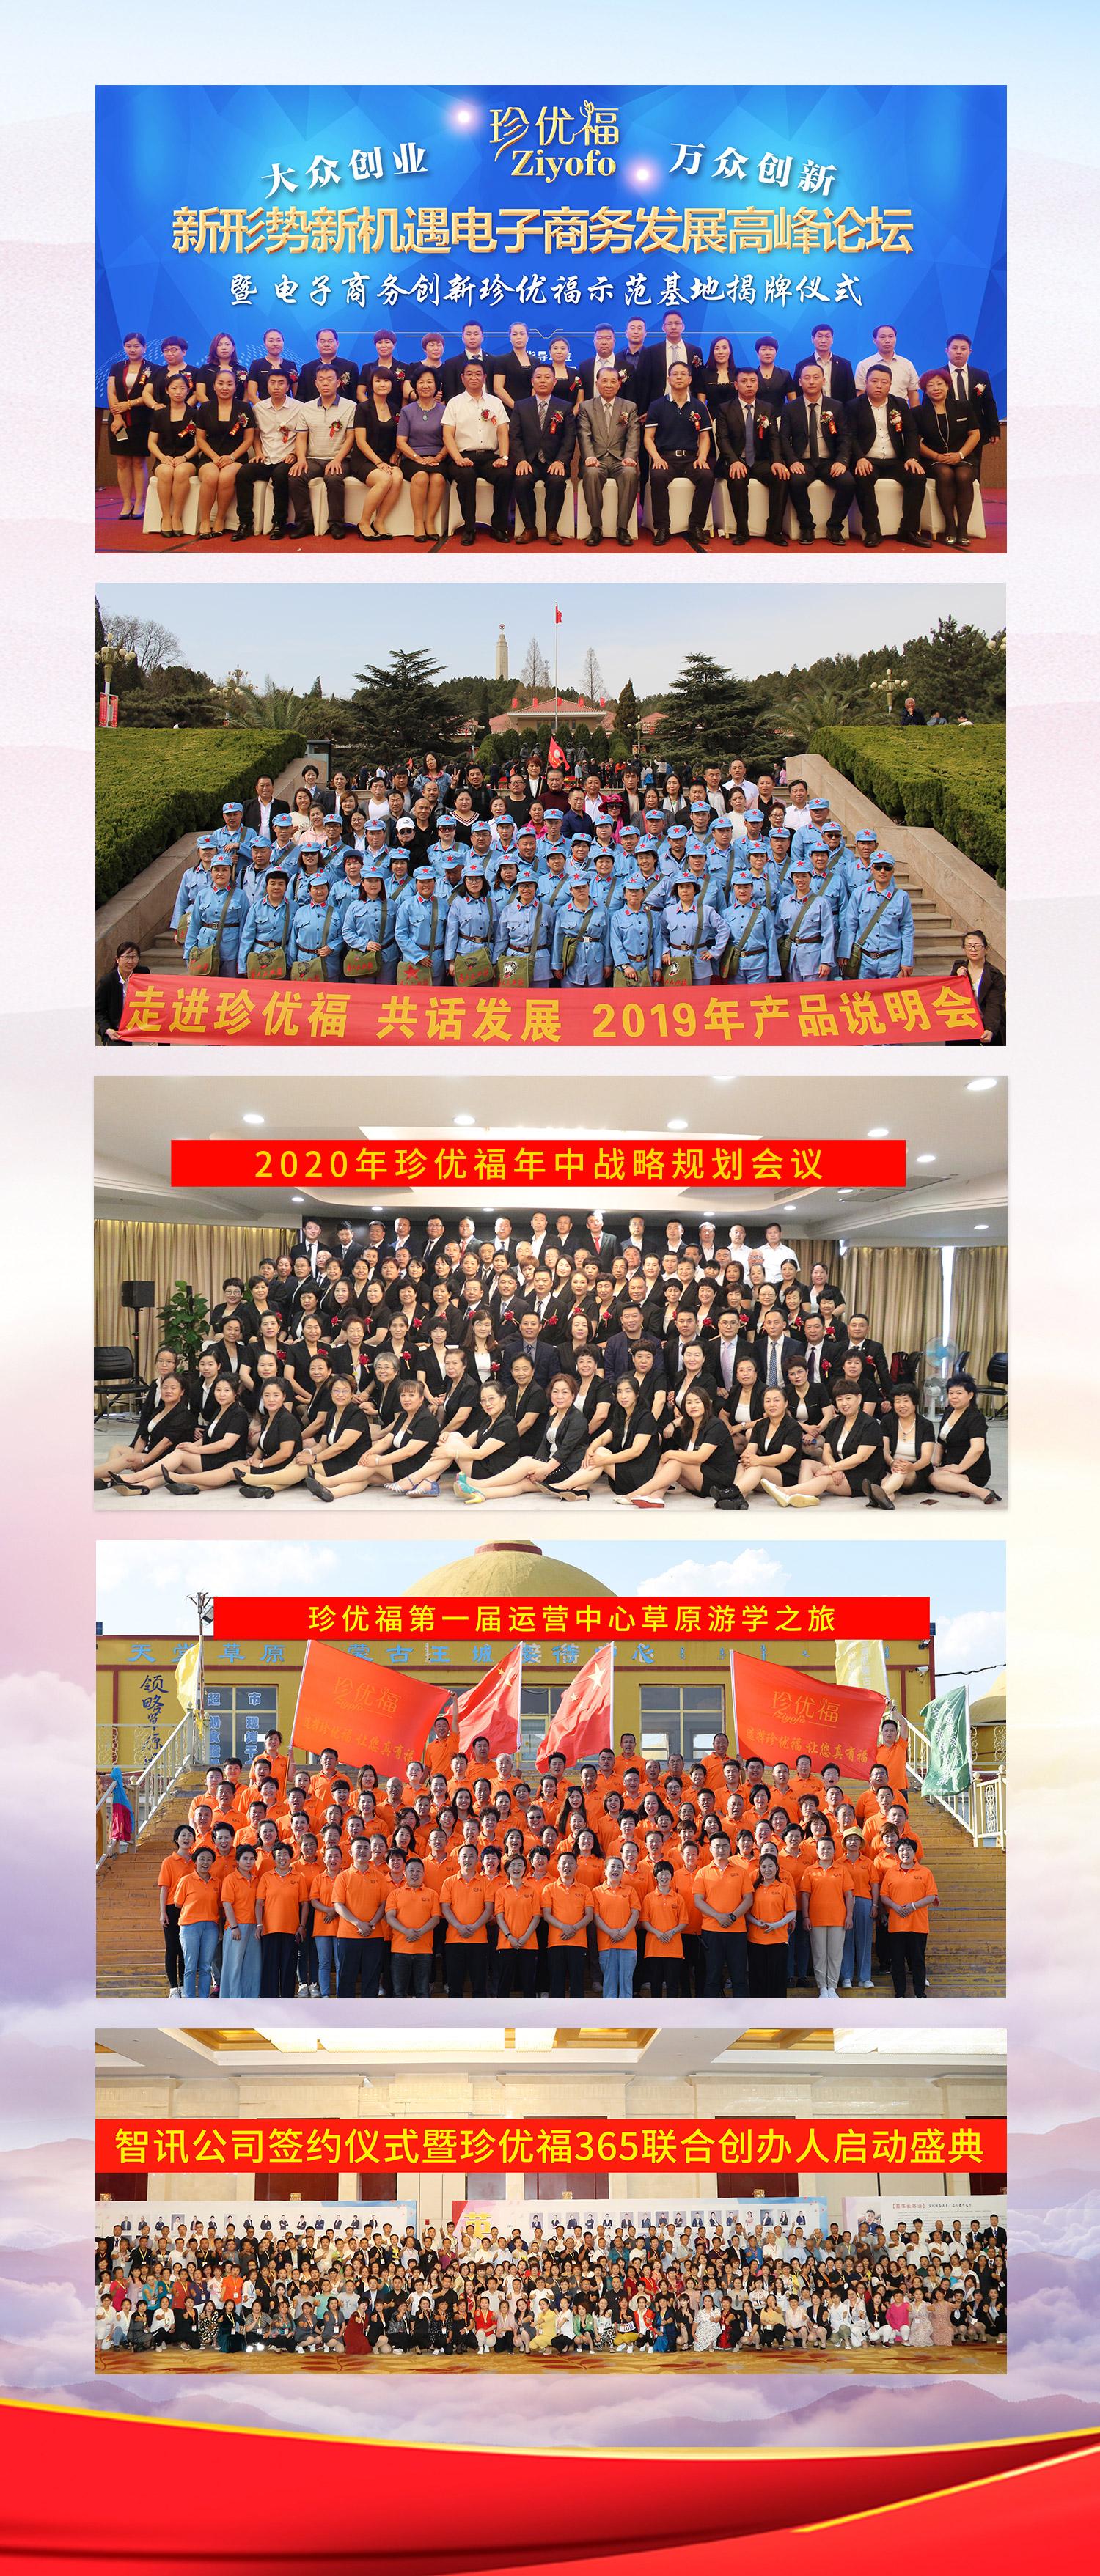 http://image.zhenyoufu.com.cn/shop/article/06711082949787790.jpg